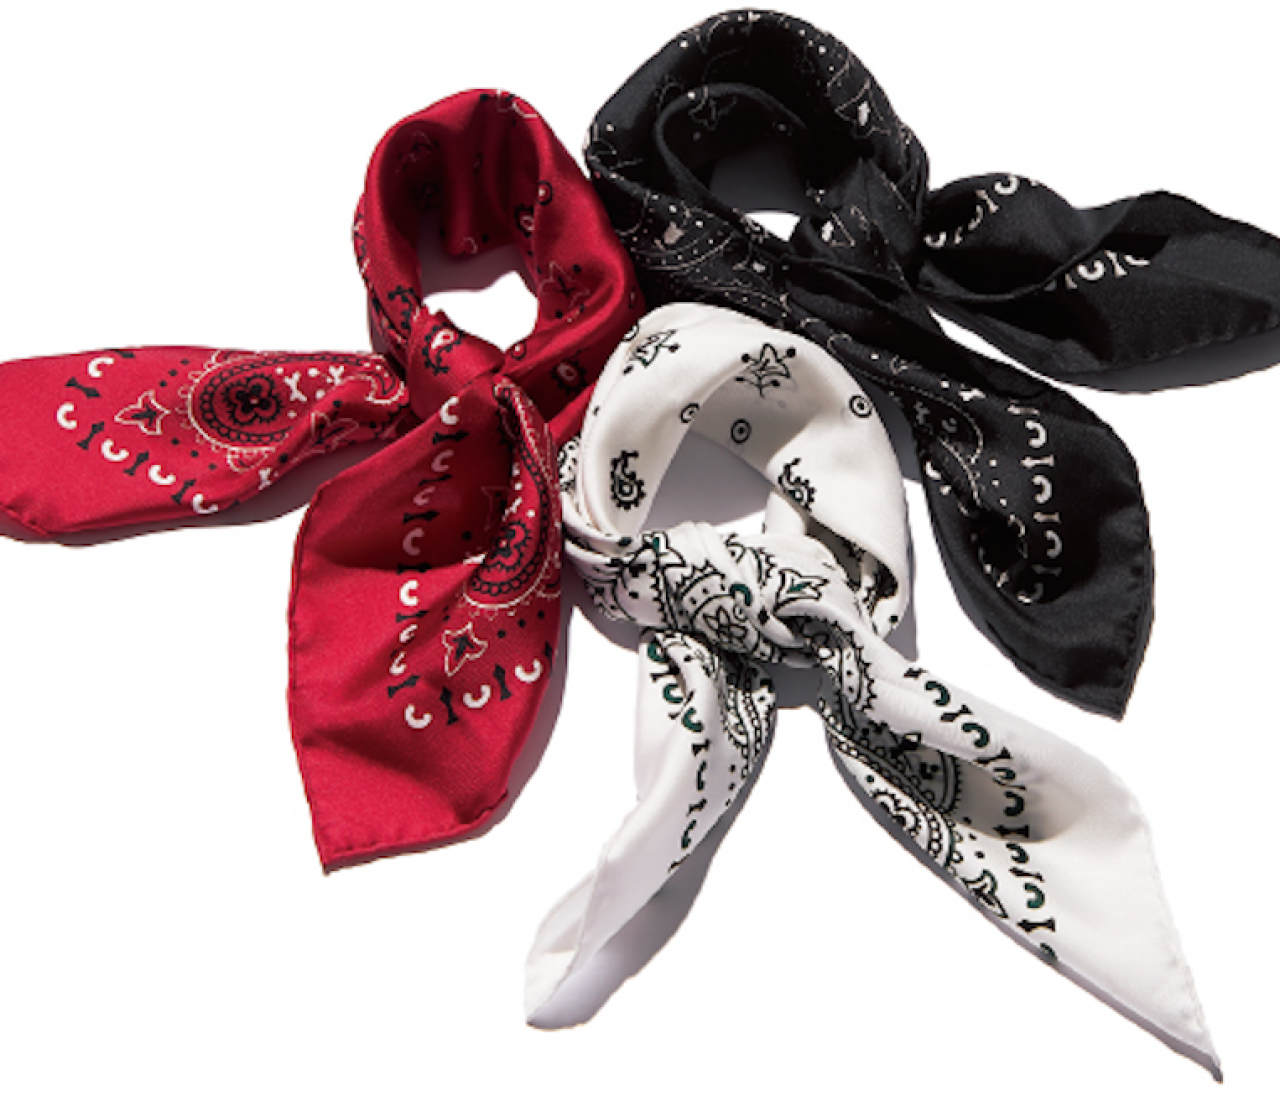 【マニプリ】夏の売れ筋スカーフは'90年代風バンダナ柄★